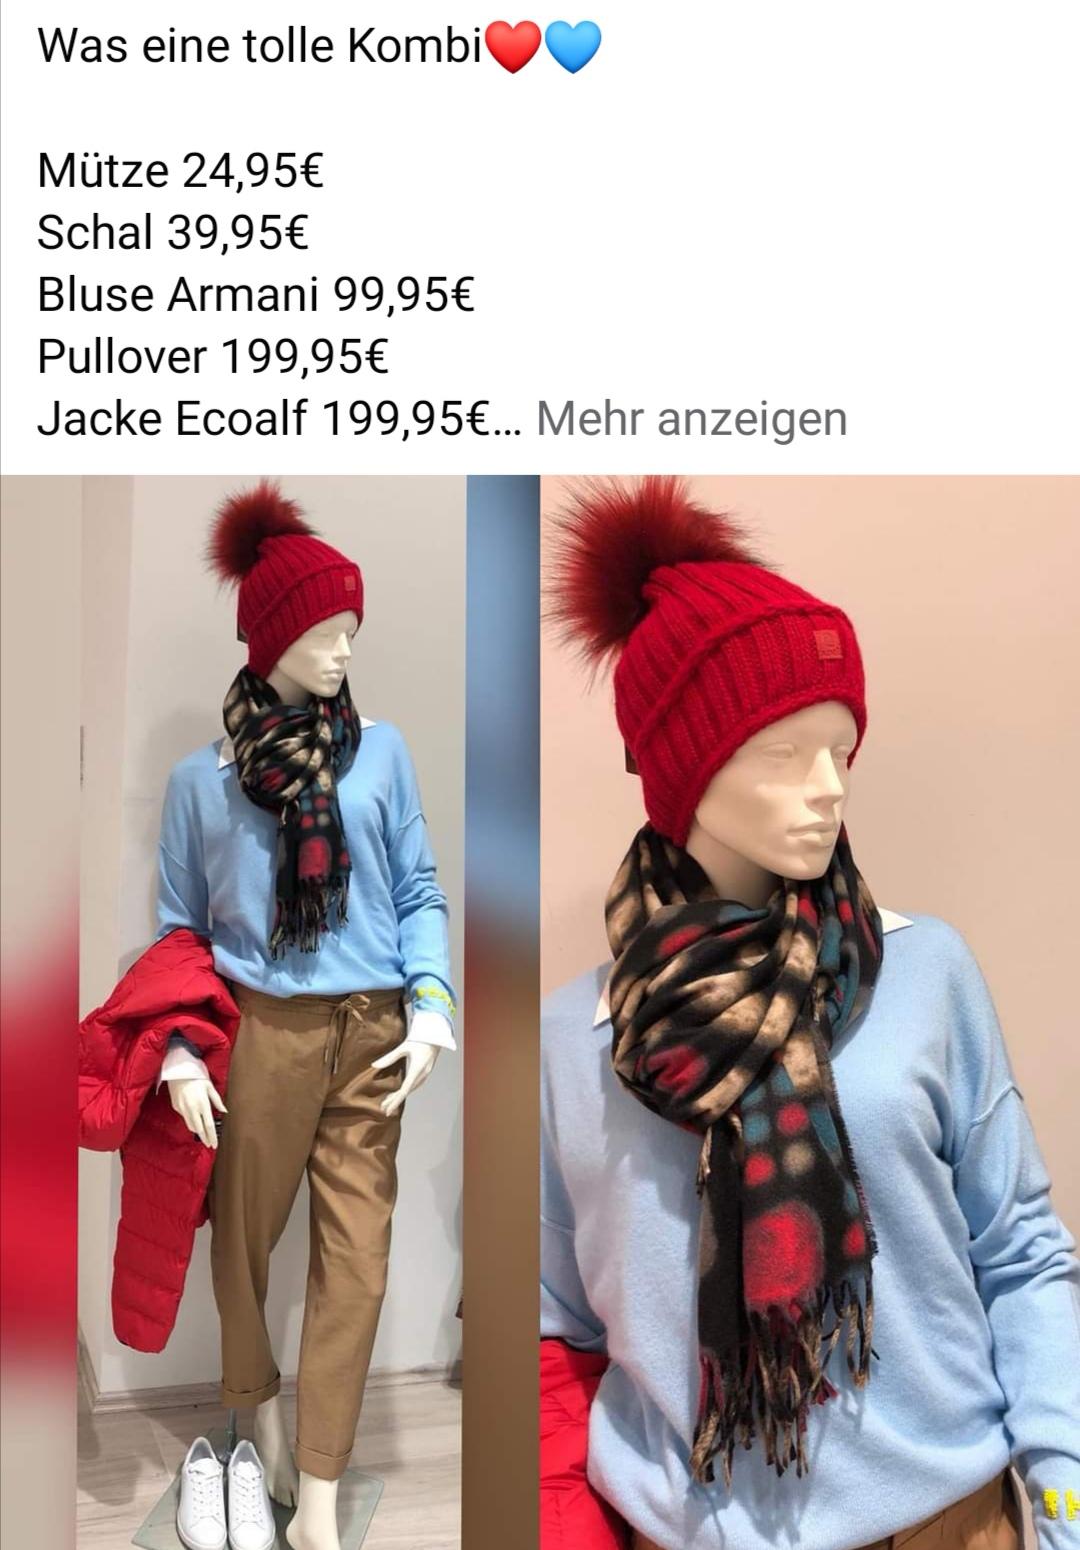 Jacke Ecoalf,